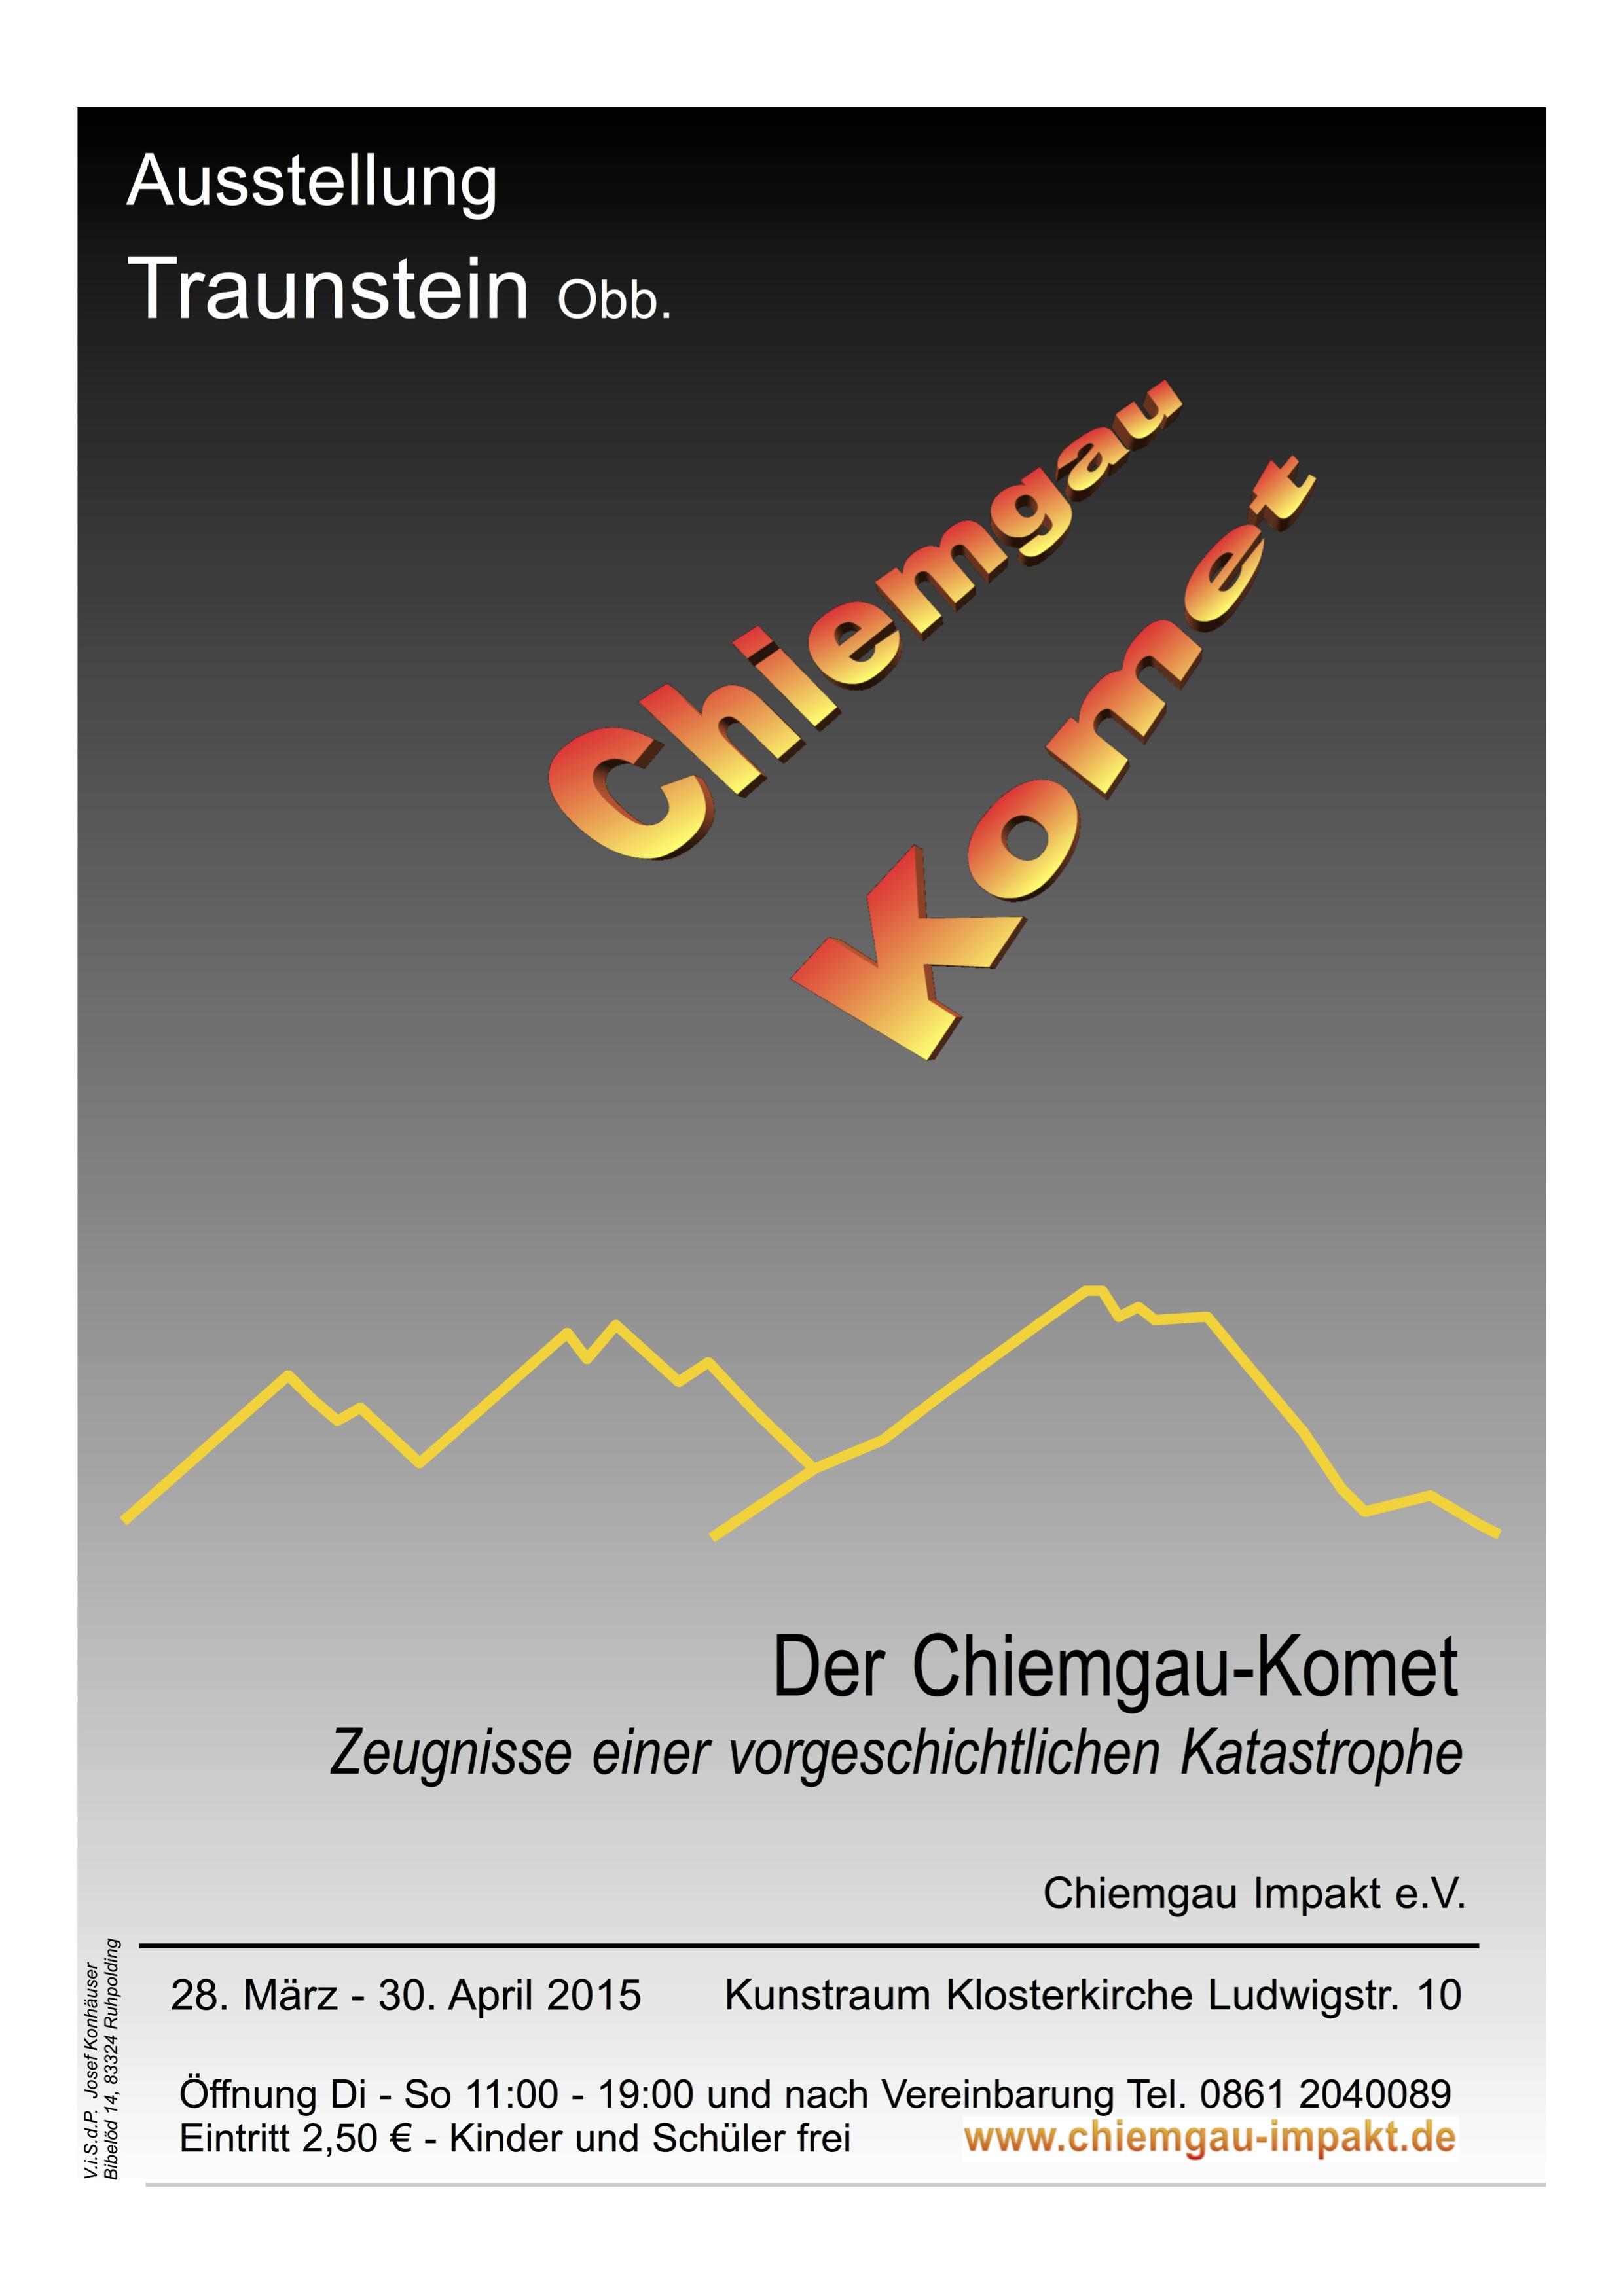 Plakat Ausstellung Traunstein Chiemgau-Komet